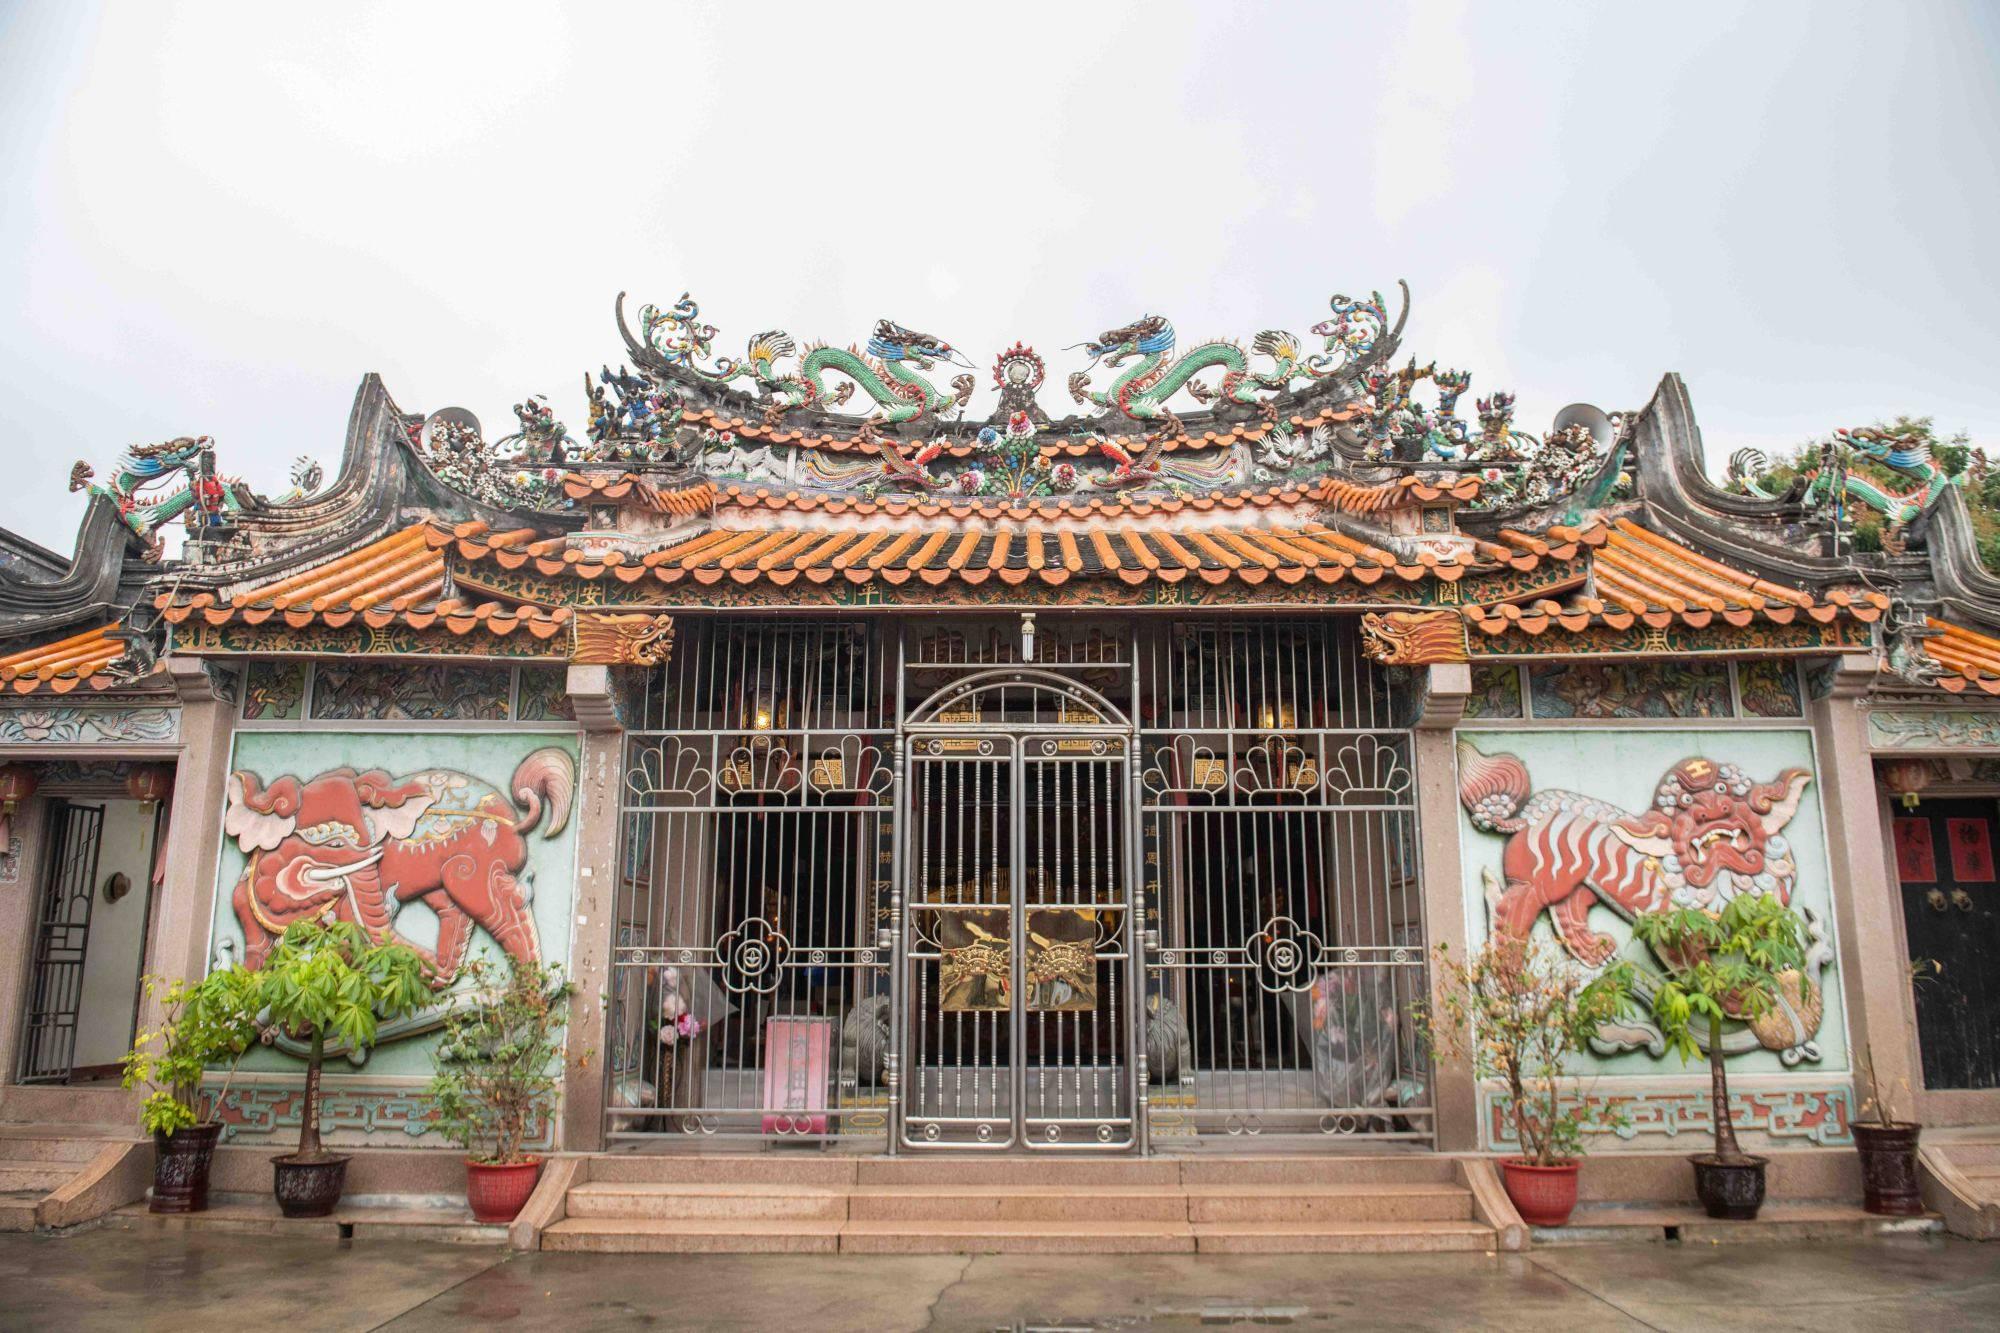 揭西旅行超值得去看的戏剧表演,是潮汕文化的重要组成部分!